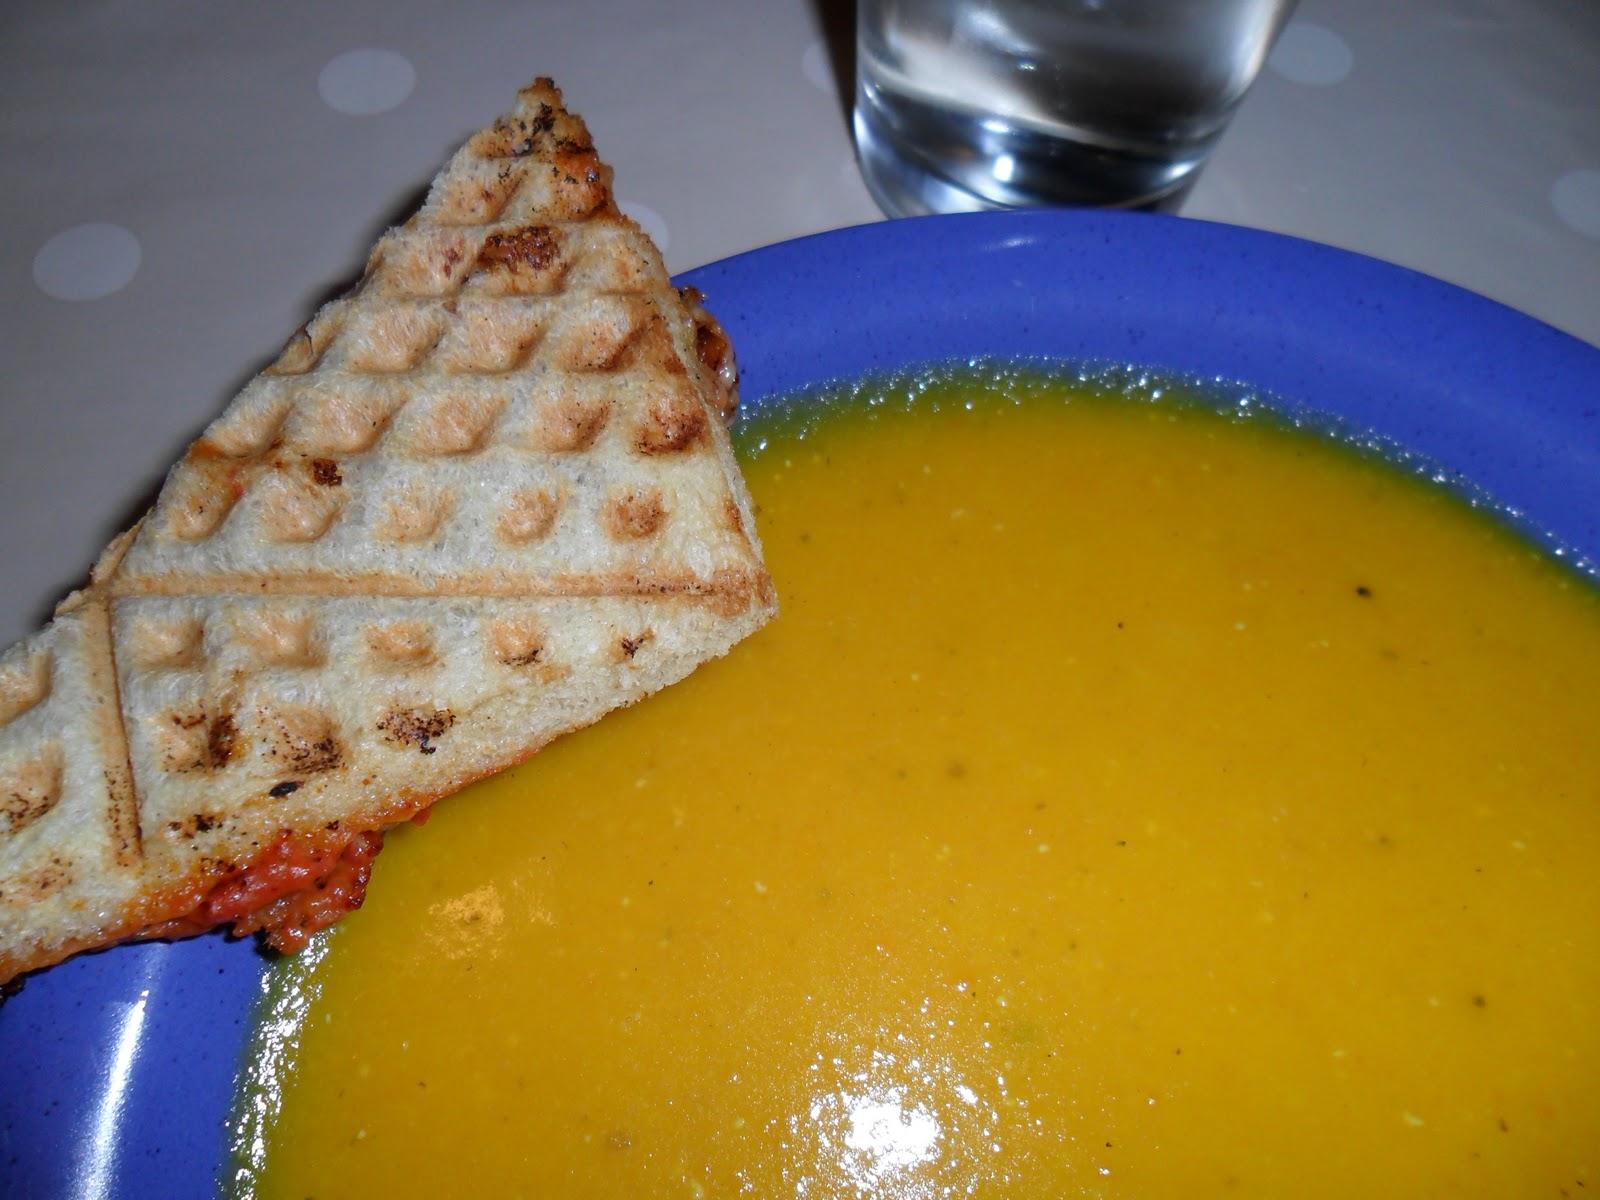 morotssoppa ingefära och chili